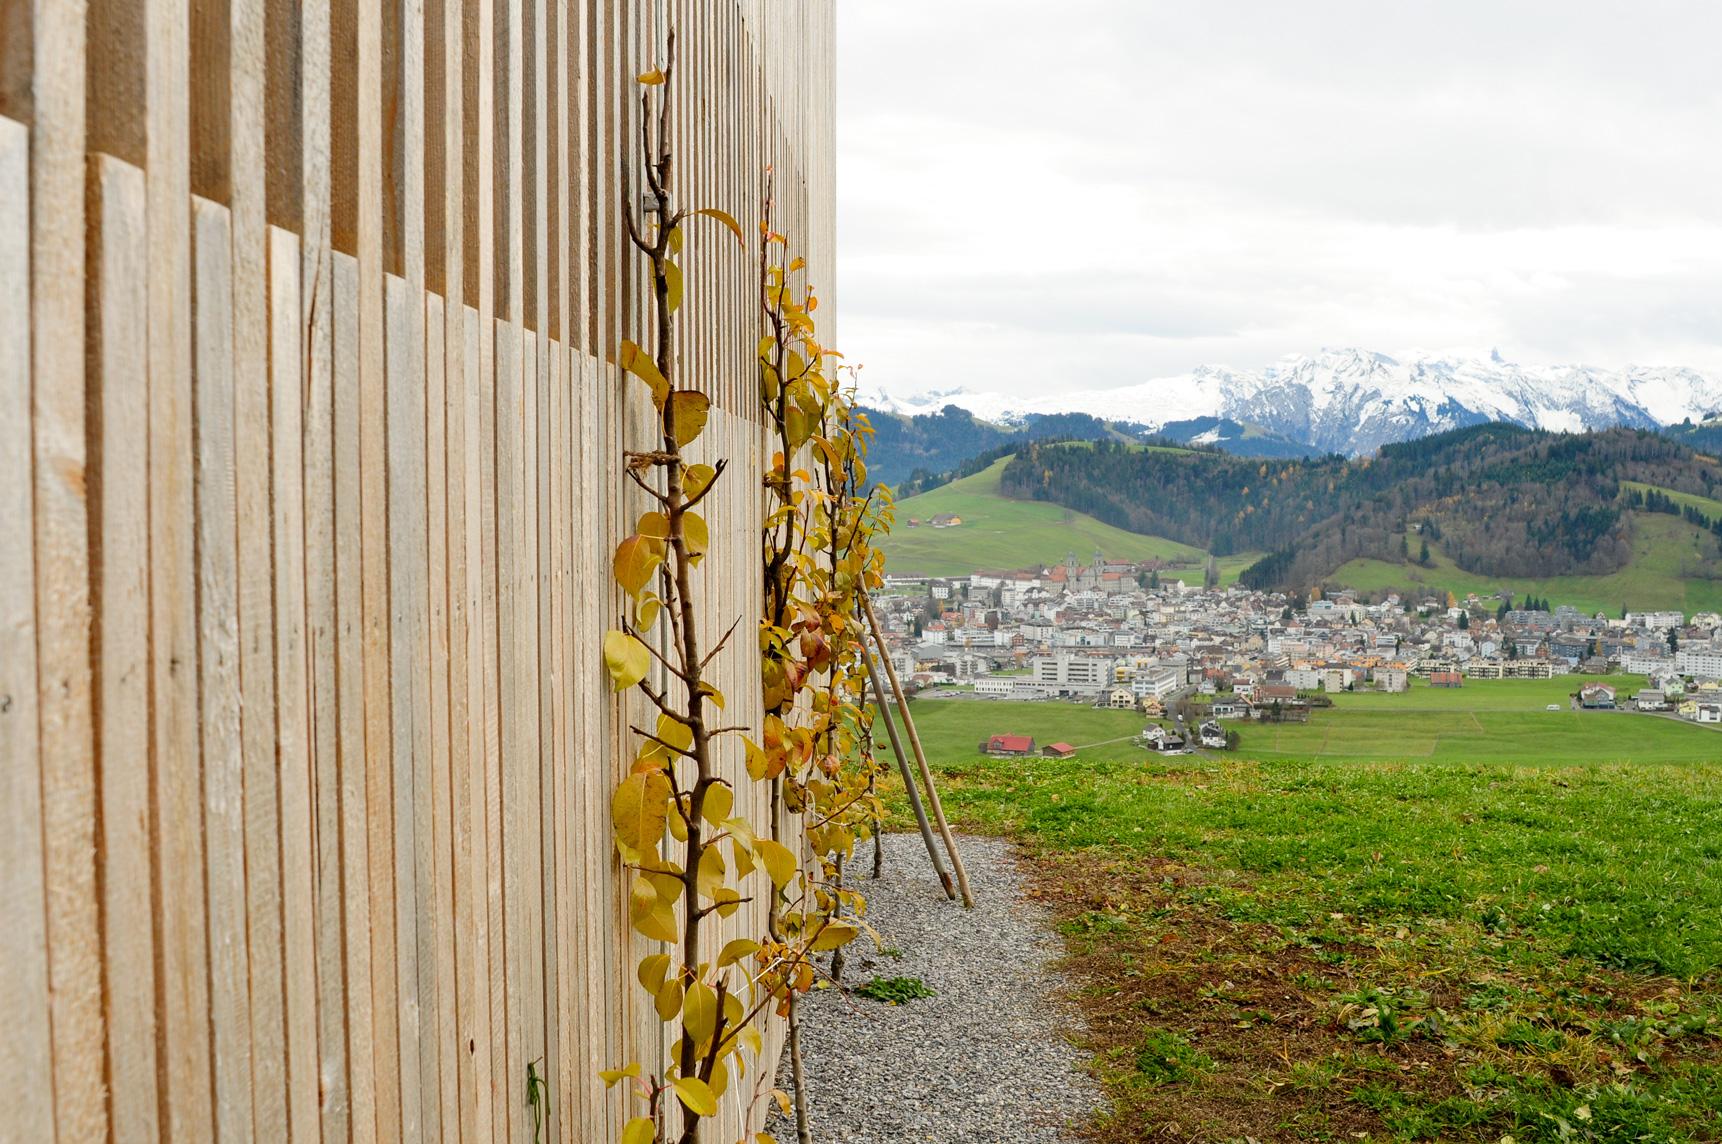 Schulhausfassade auf dem Katzenstrick mit Blick nach Einsiedeln im Kanton Schwyz